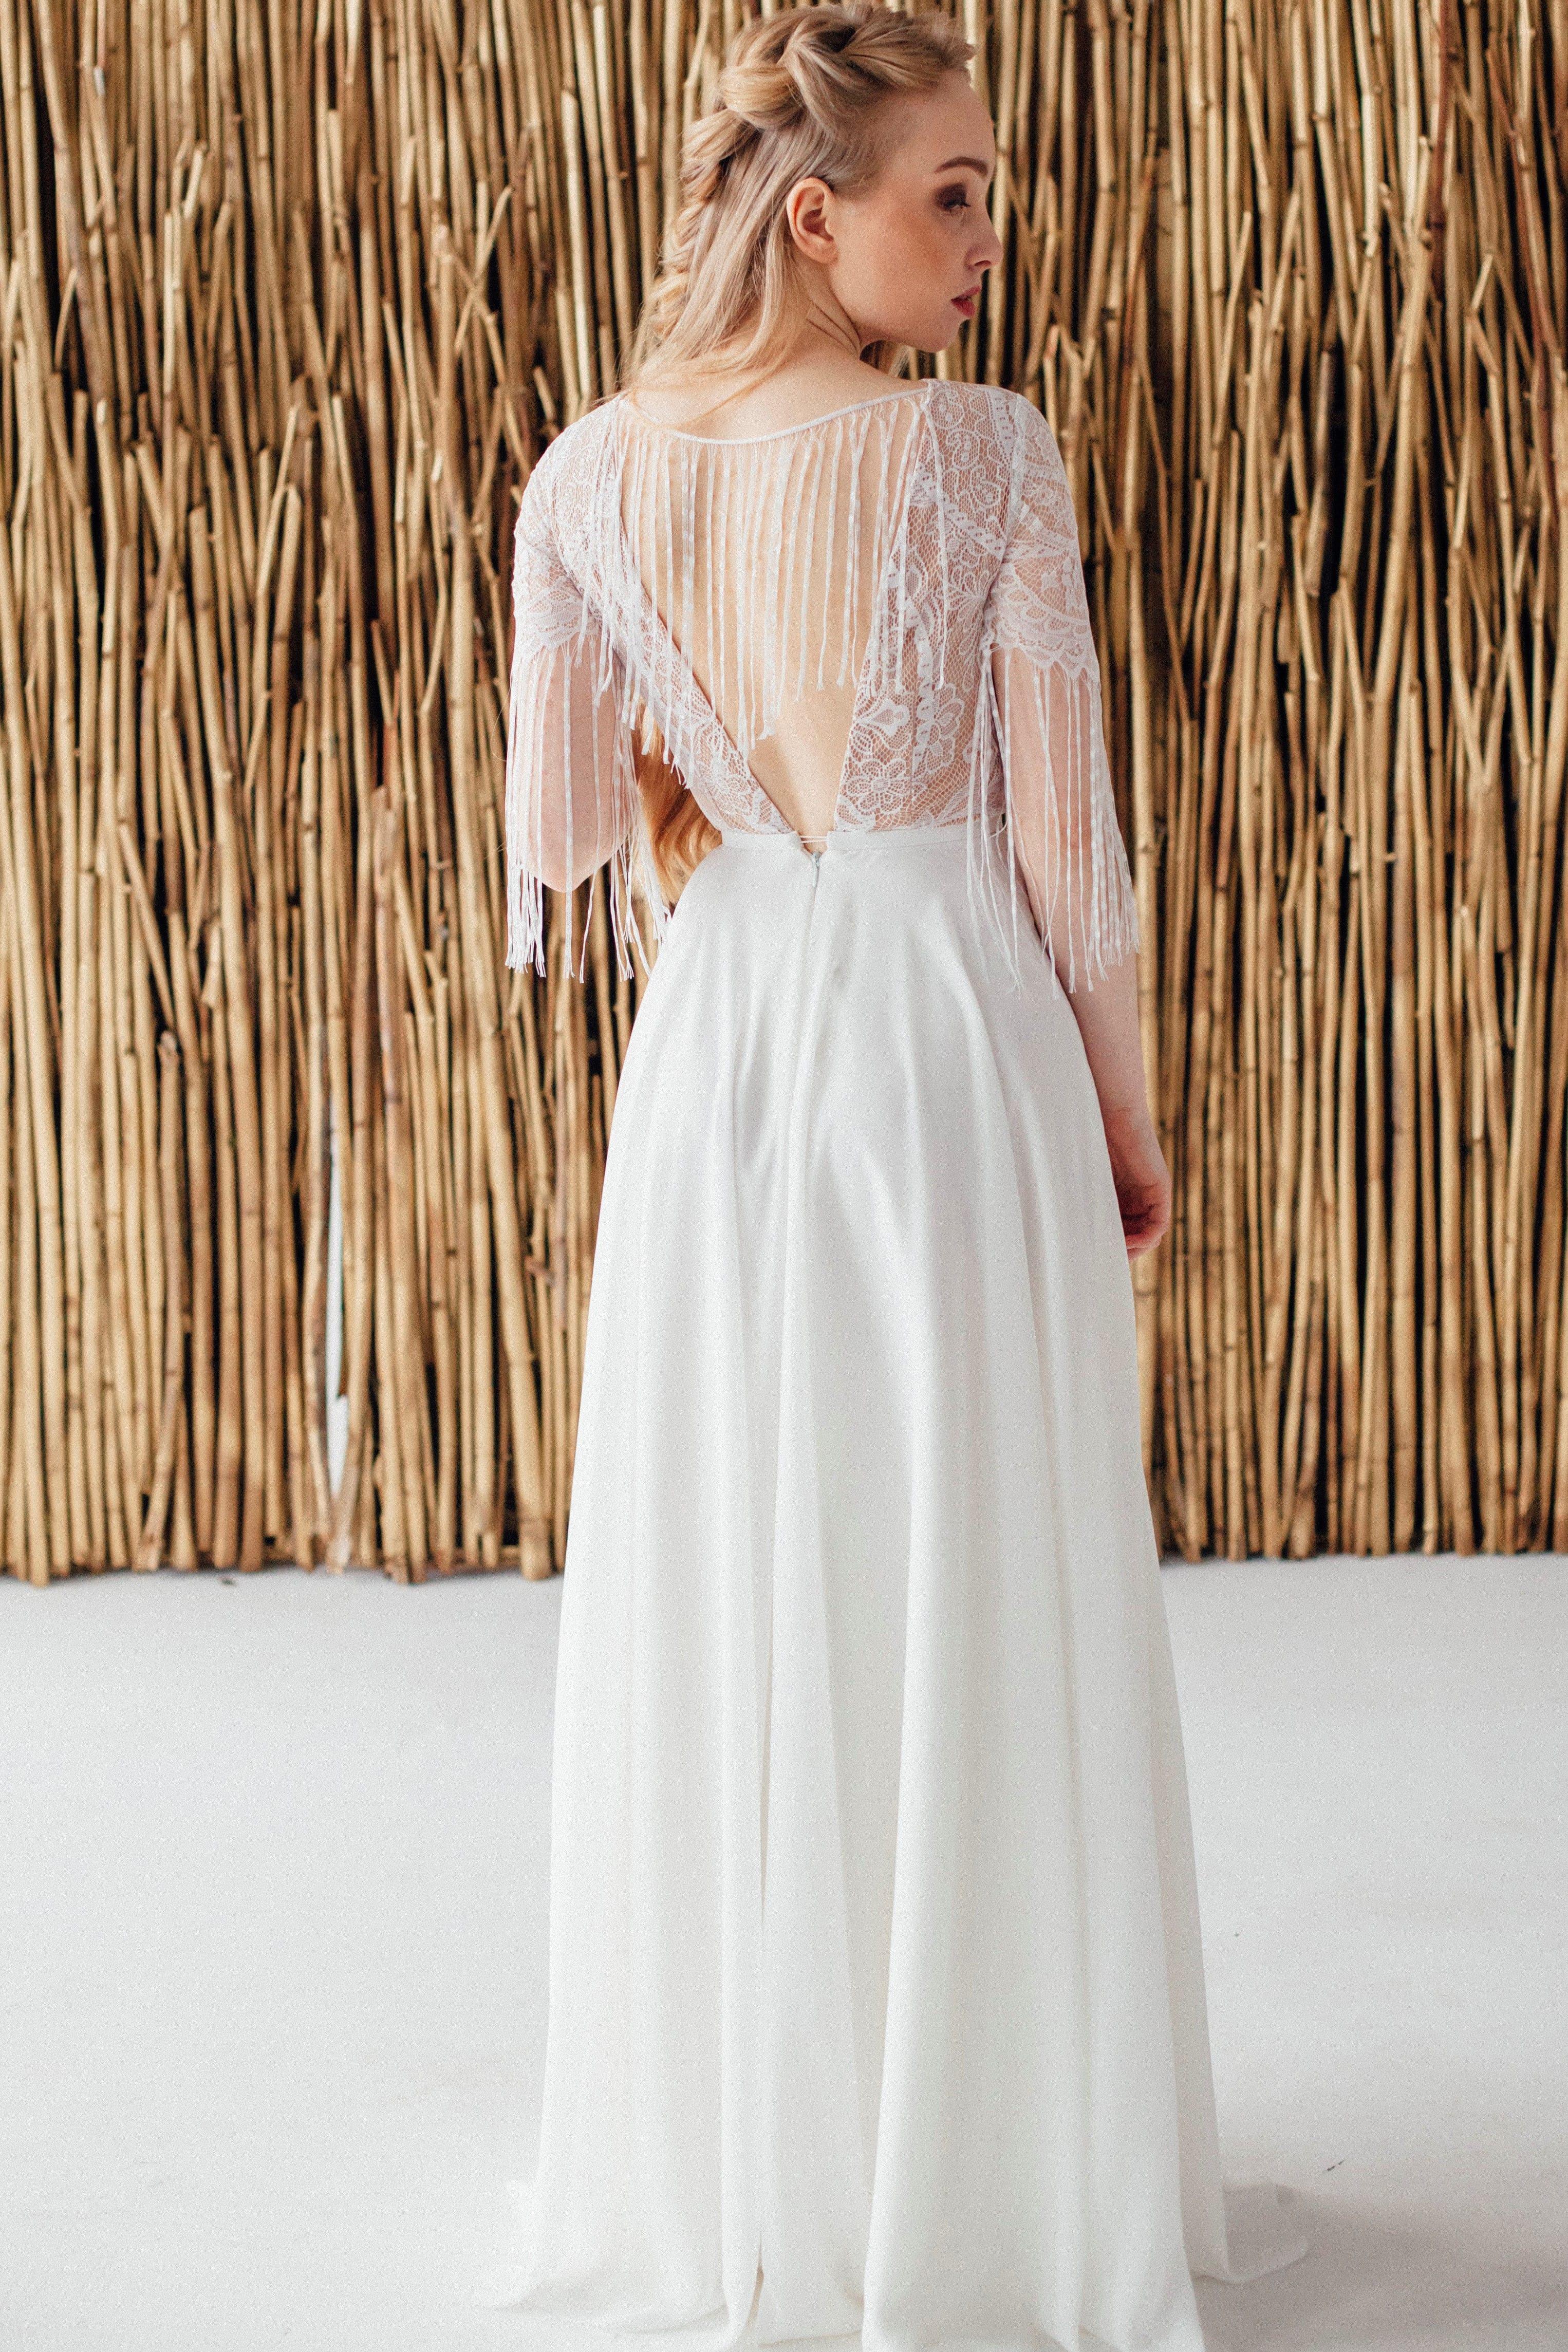 Свадебное платье FRIDA, коллекция MAGIC OF TENDERNESS, бренд LORA SONG, фото 4